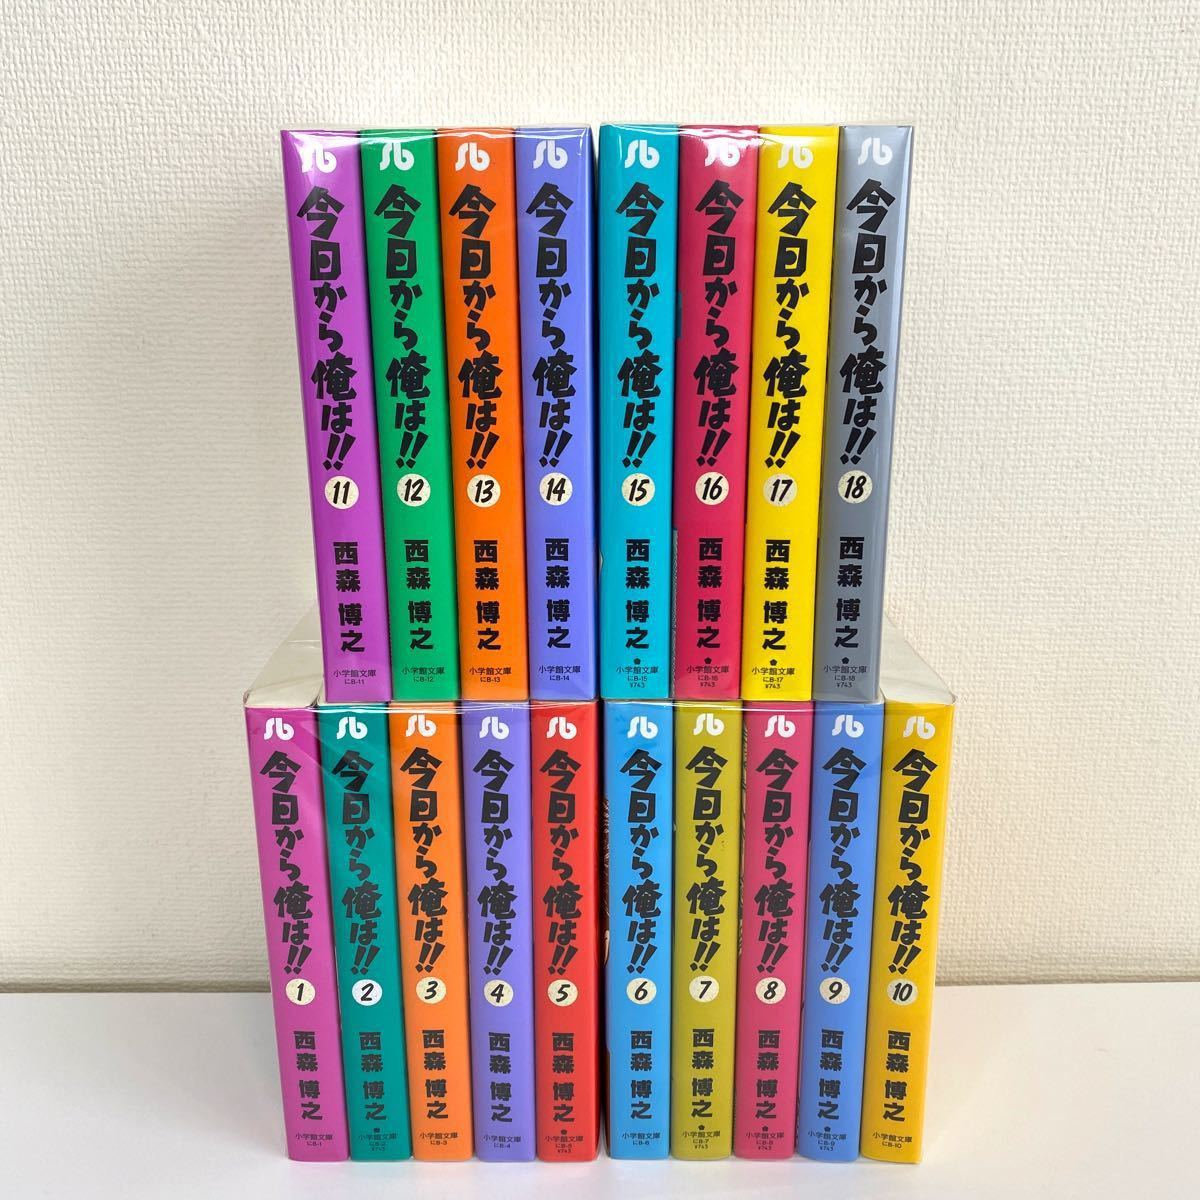 コミック文庫【今日から俺は】1巻-18巻 全巻 西森博之